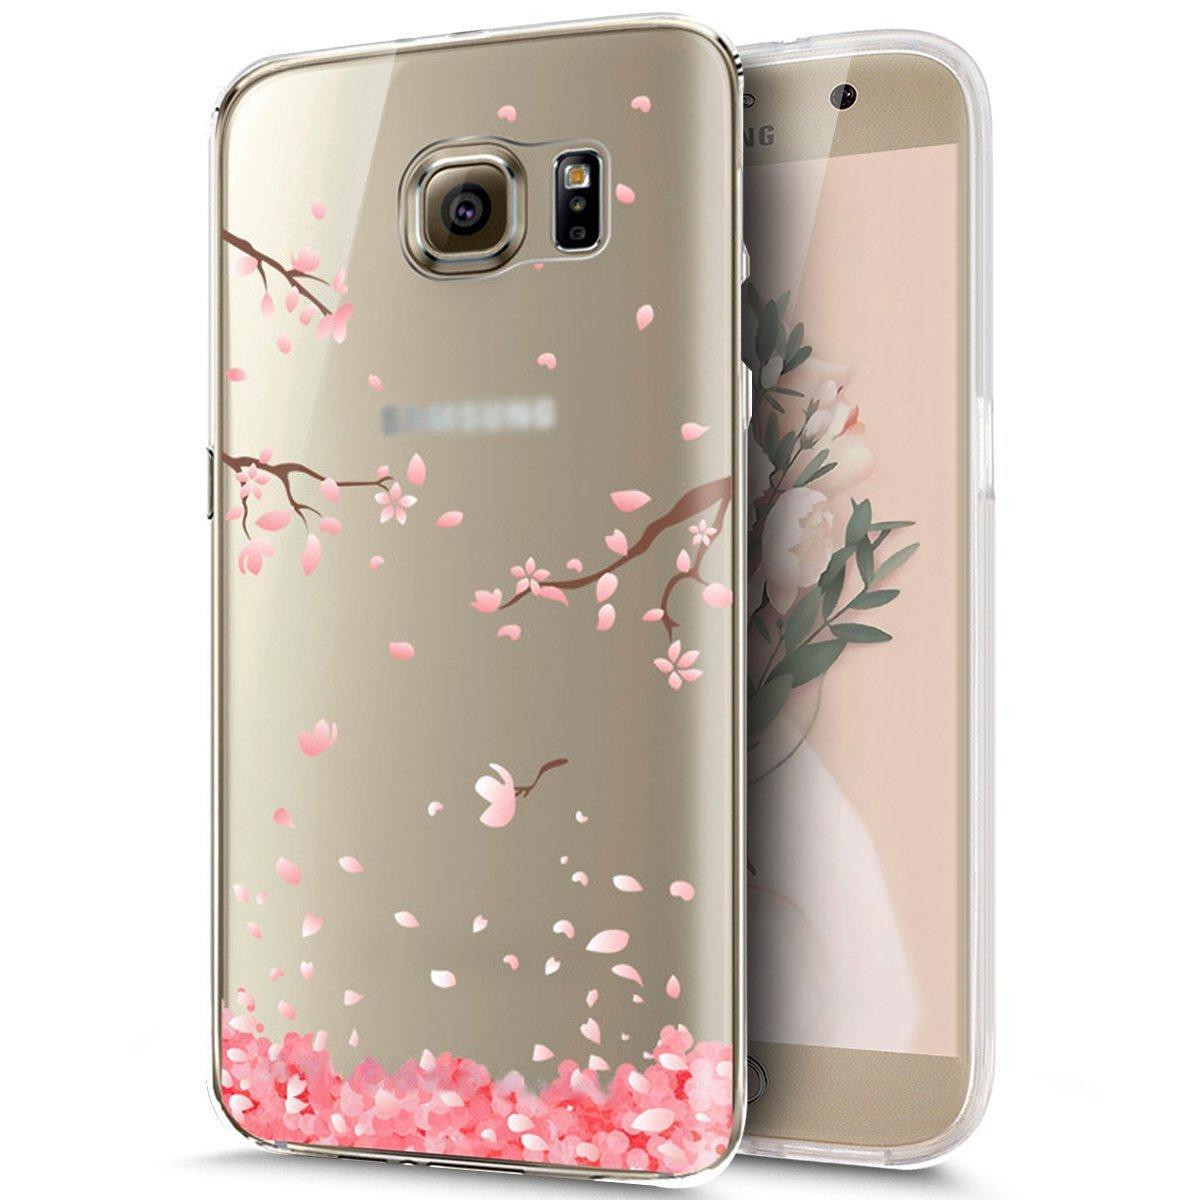 Carcasa TPU para Samsung Galaxy S6 Edge Plus, Funda Samsung Galaxy S6 Edge Plus G928, JAWSEU Ultra Delgado Carcasa para Samsung Galaxy S6 Edge Plus ...